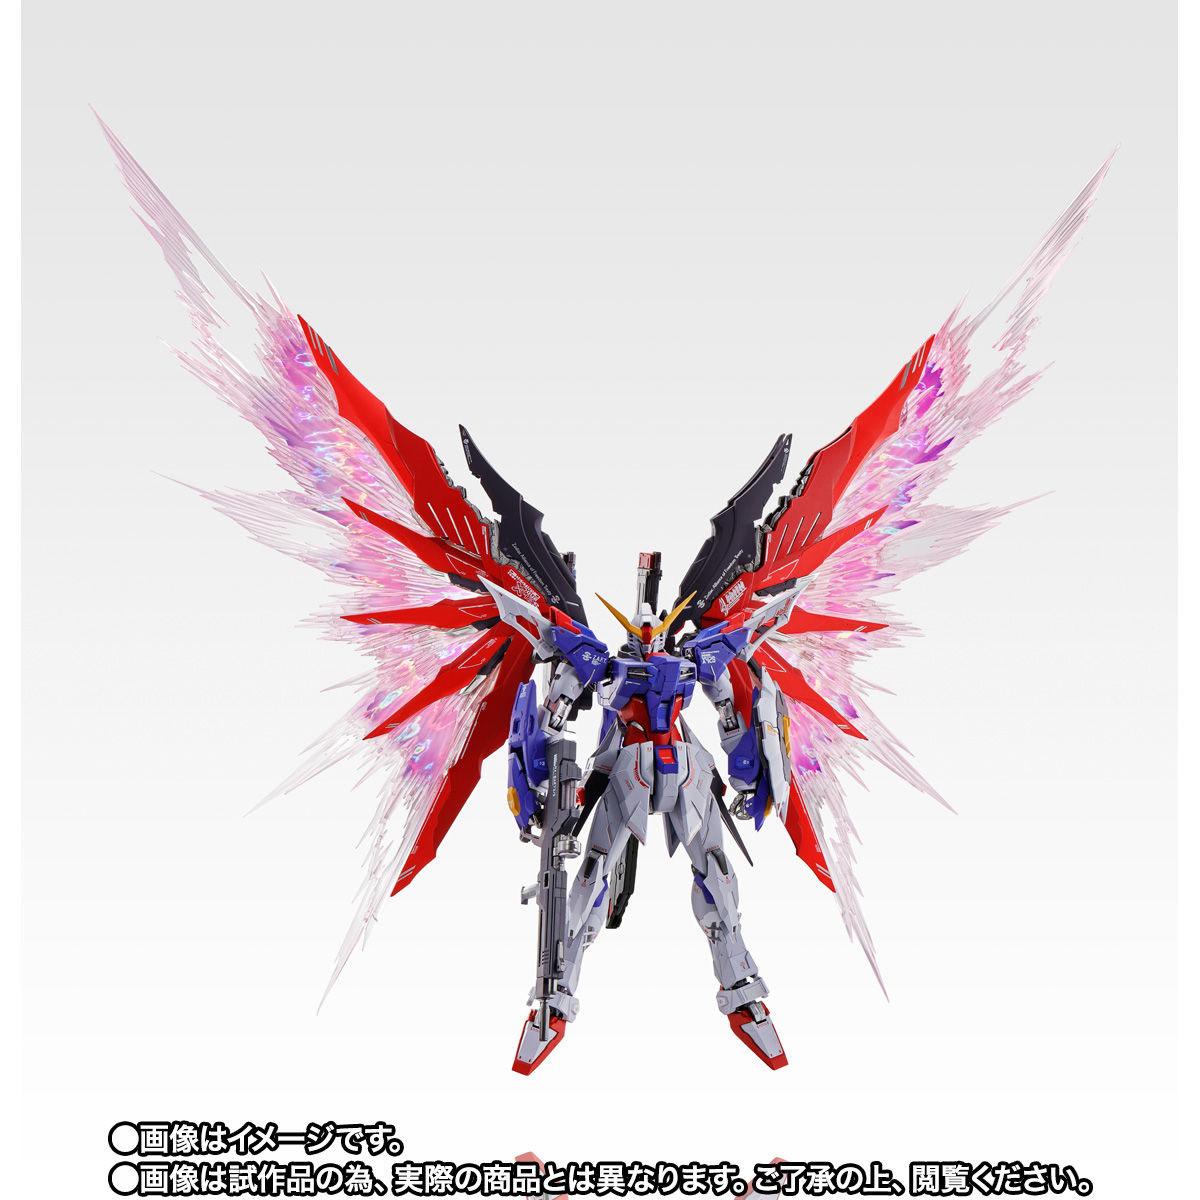 【限定販売】METAL BUILD『デスティニーガンダム SOUL RED Ver.』機動戦士ガンダムSEED DESTINY 可動フィギュア-004